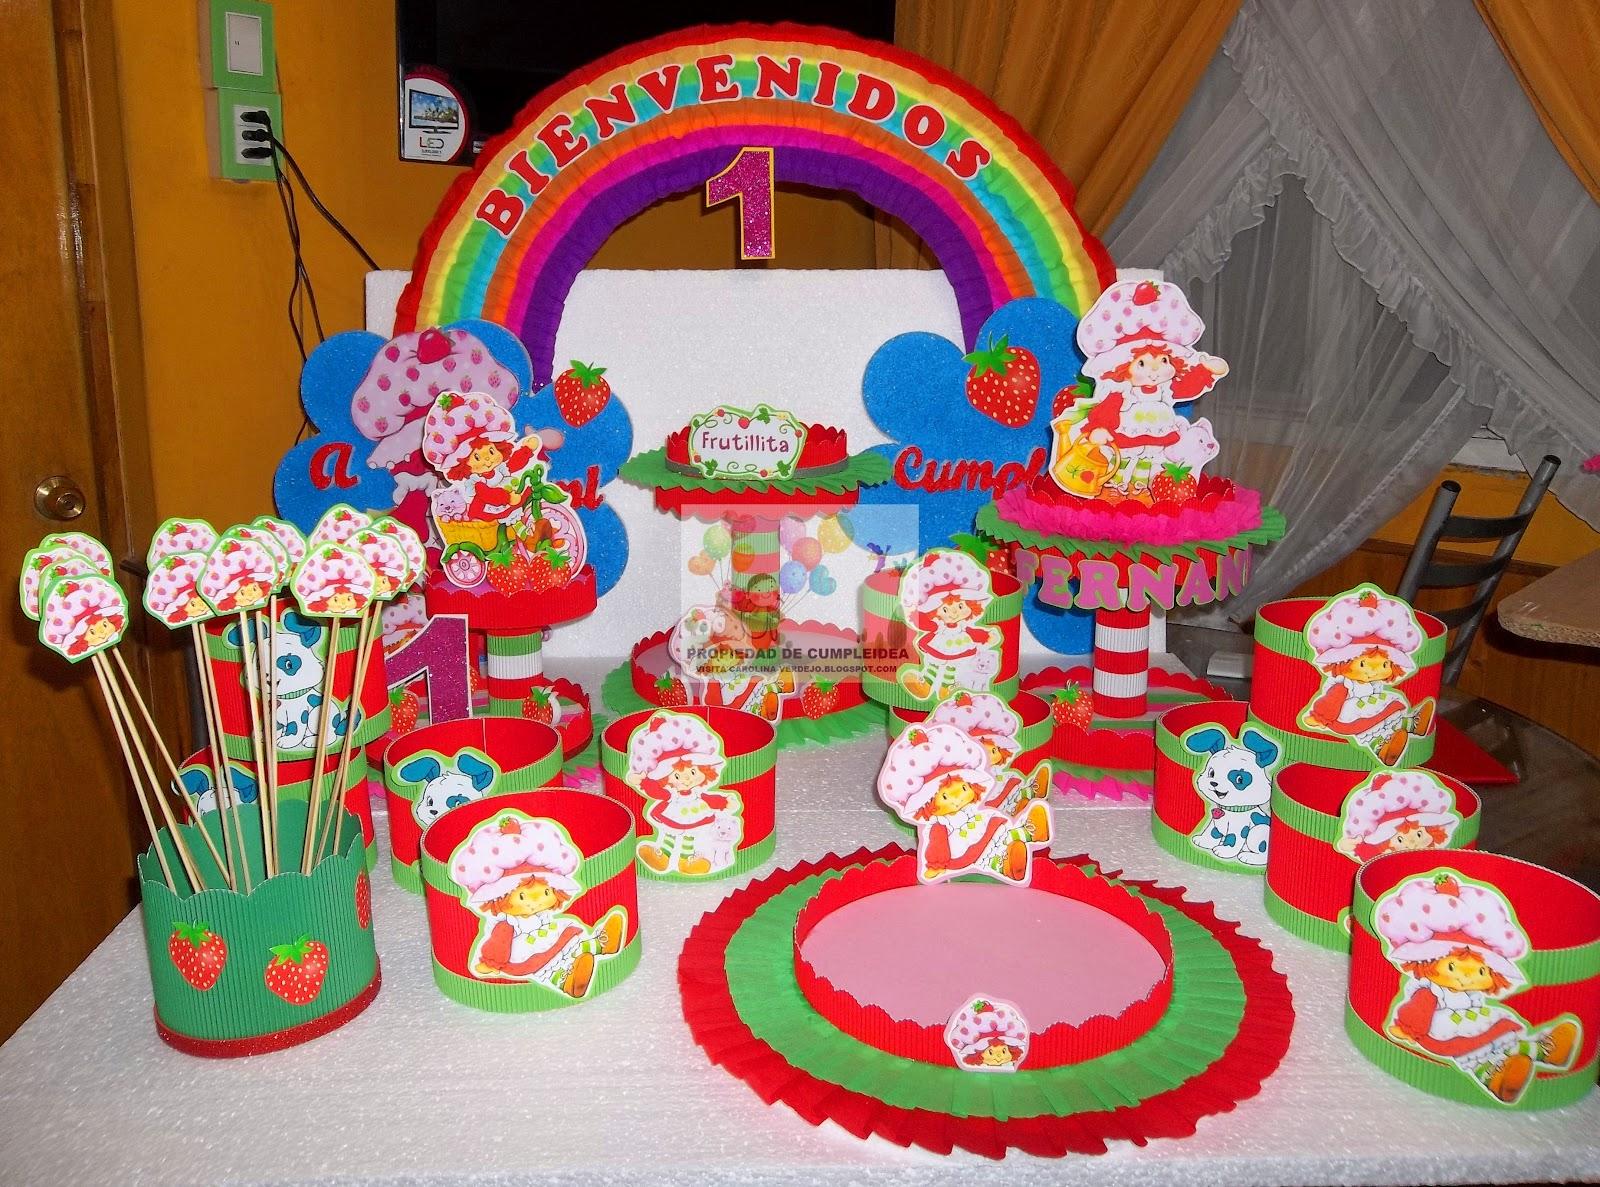 Decoraciones infantiles frutillita for Decoraciones infantiles